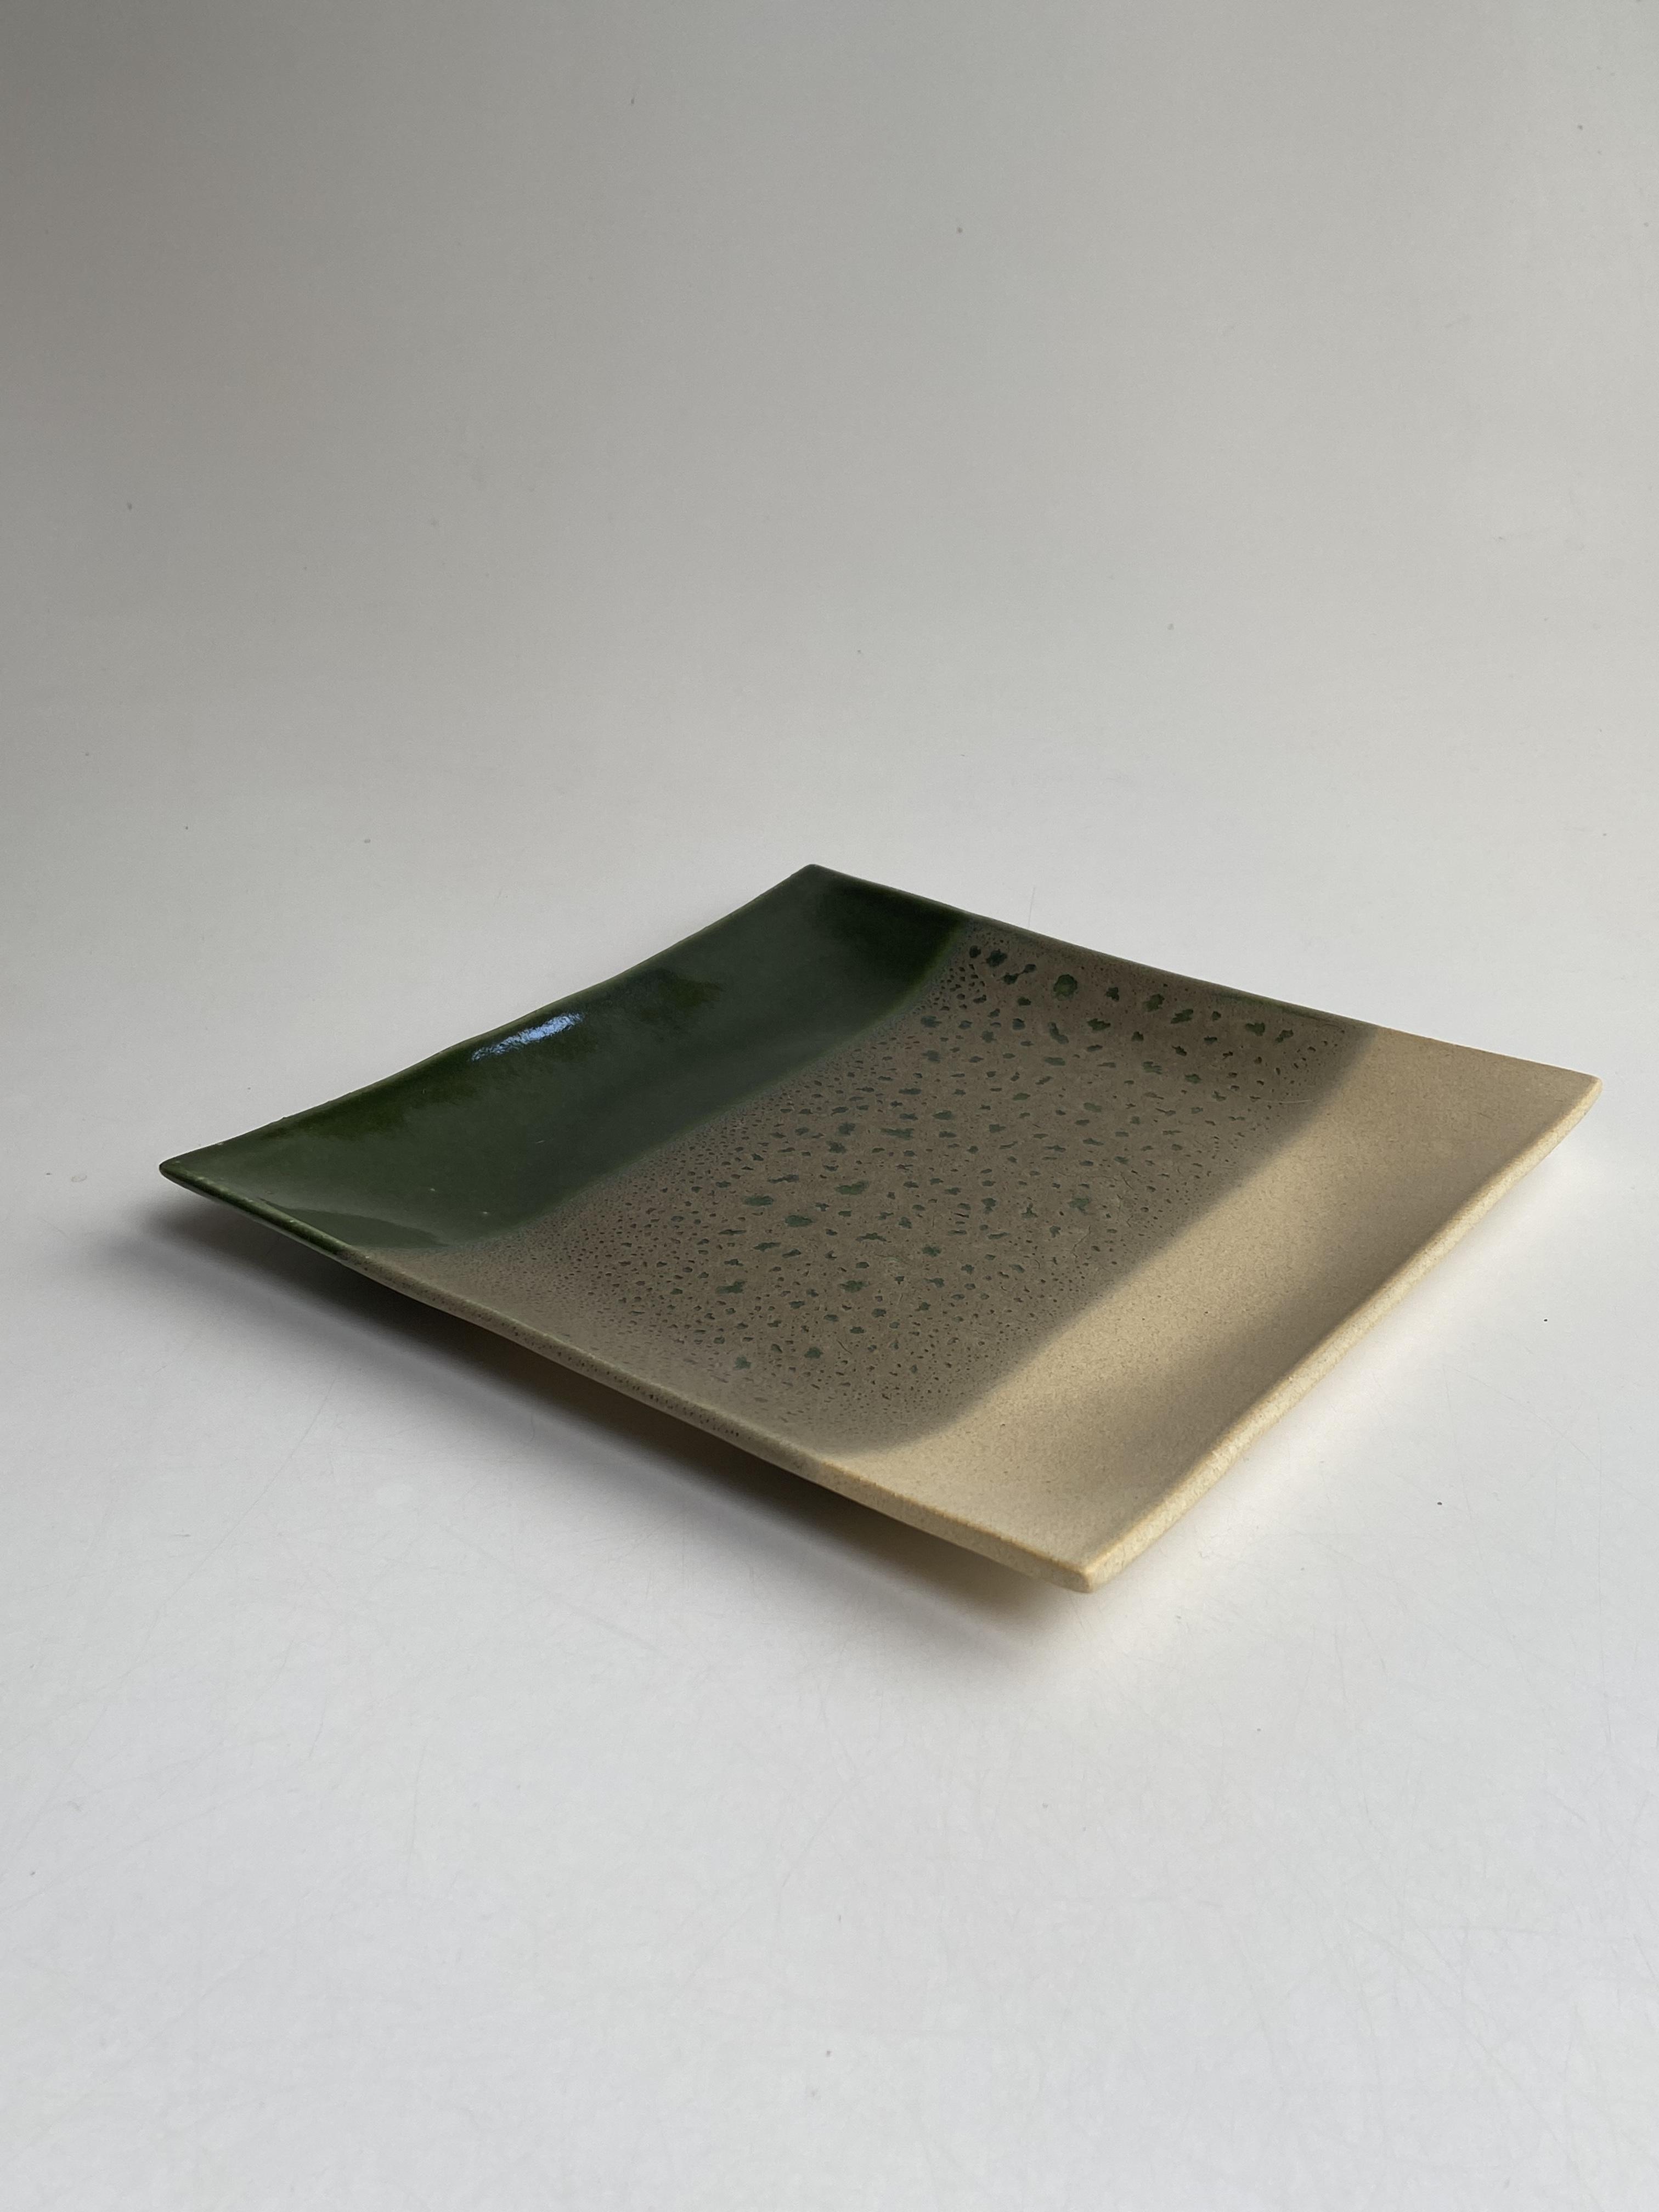 おやつプレート(大)ニッキ&ハンドルマグライムセット pur-49